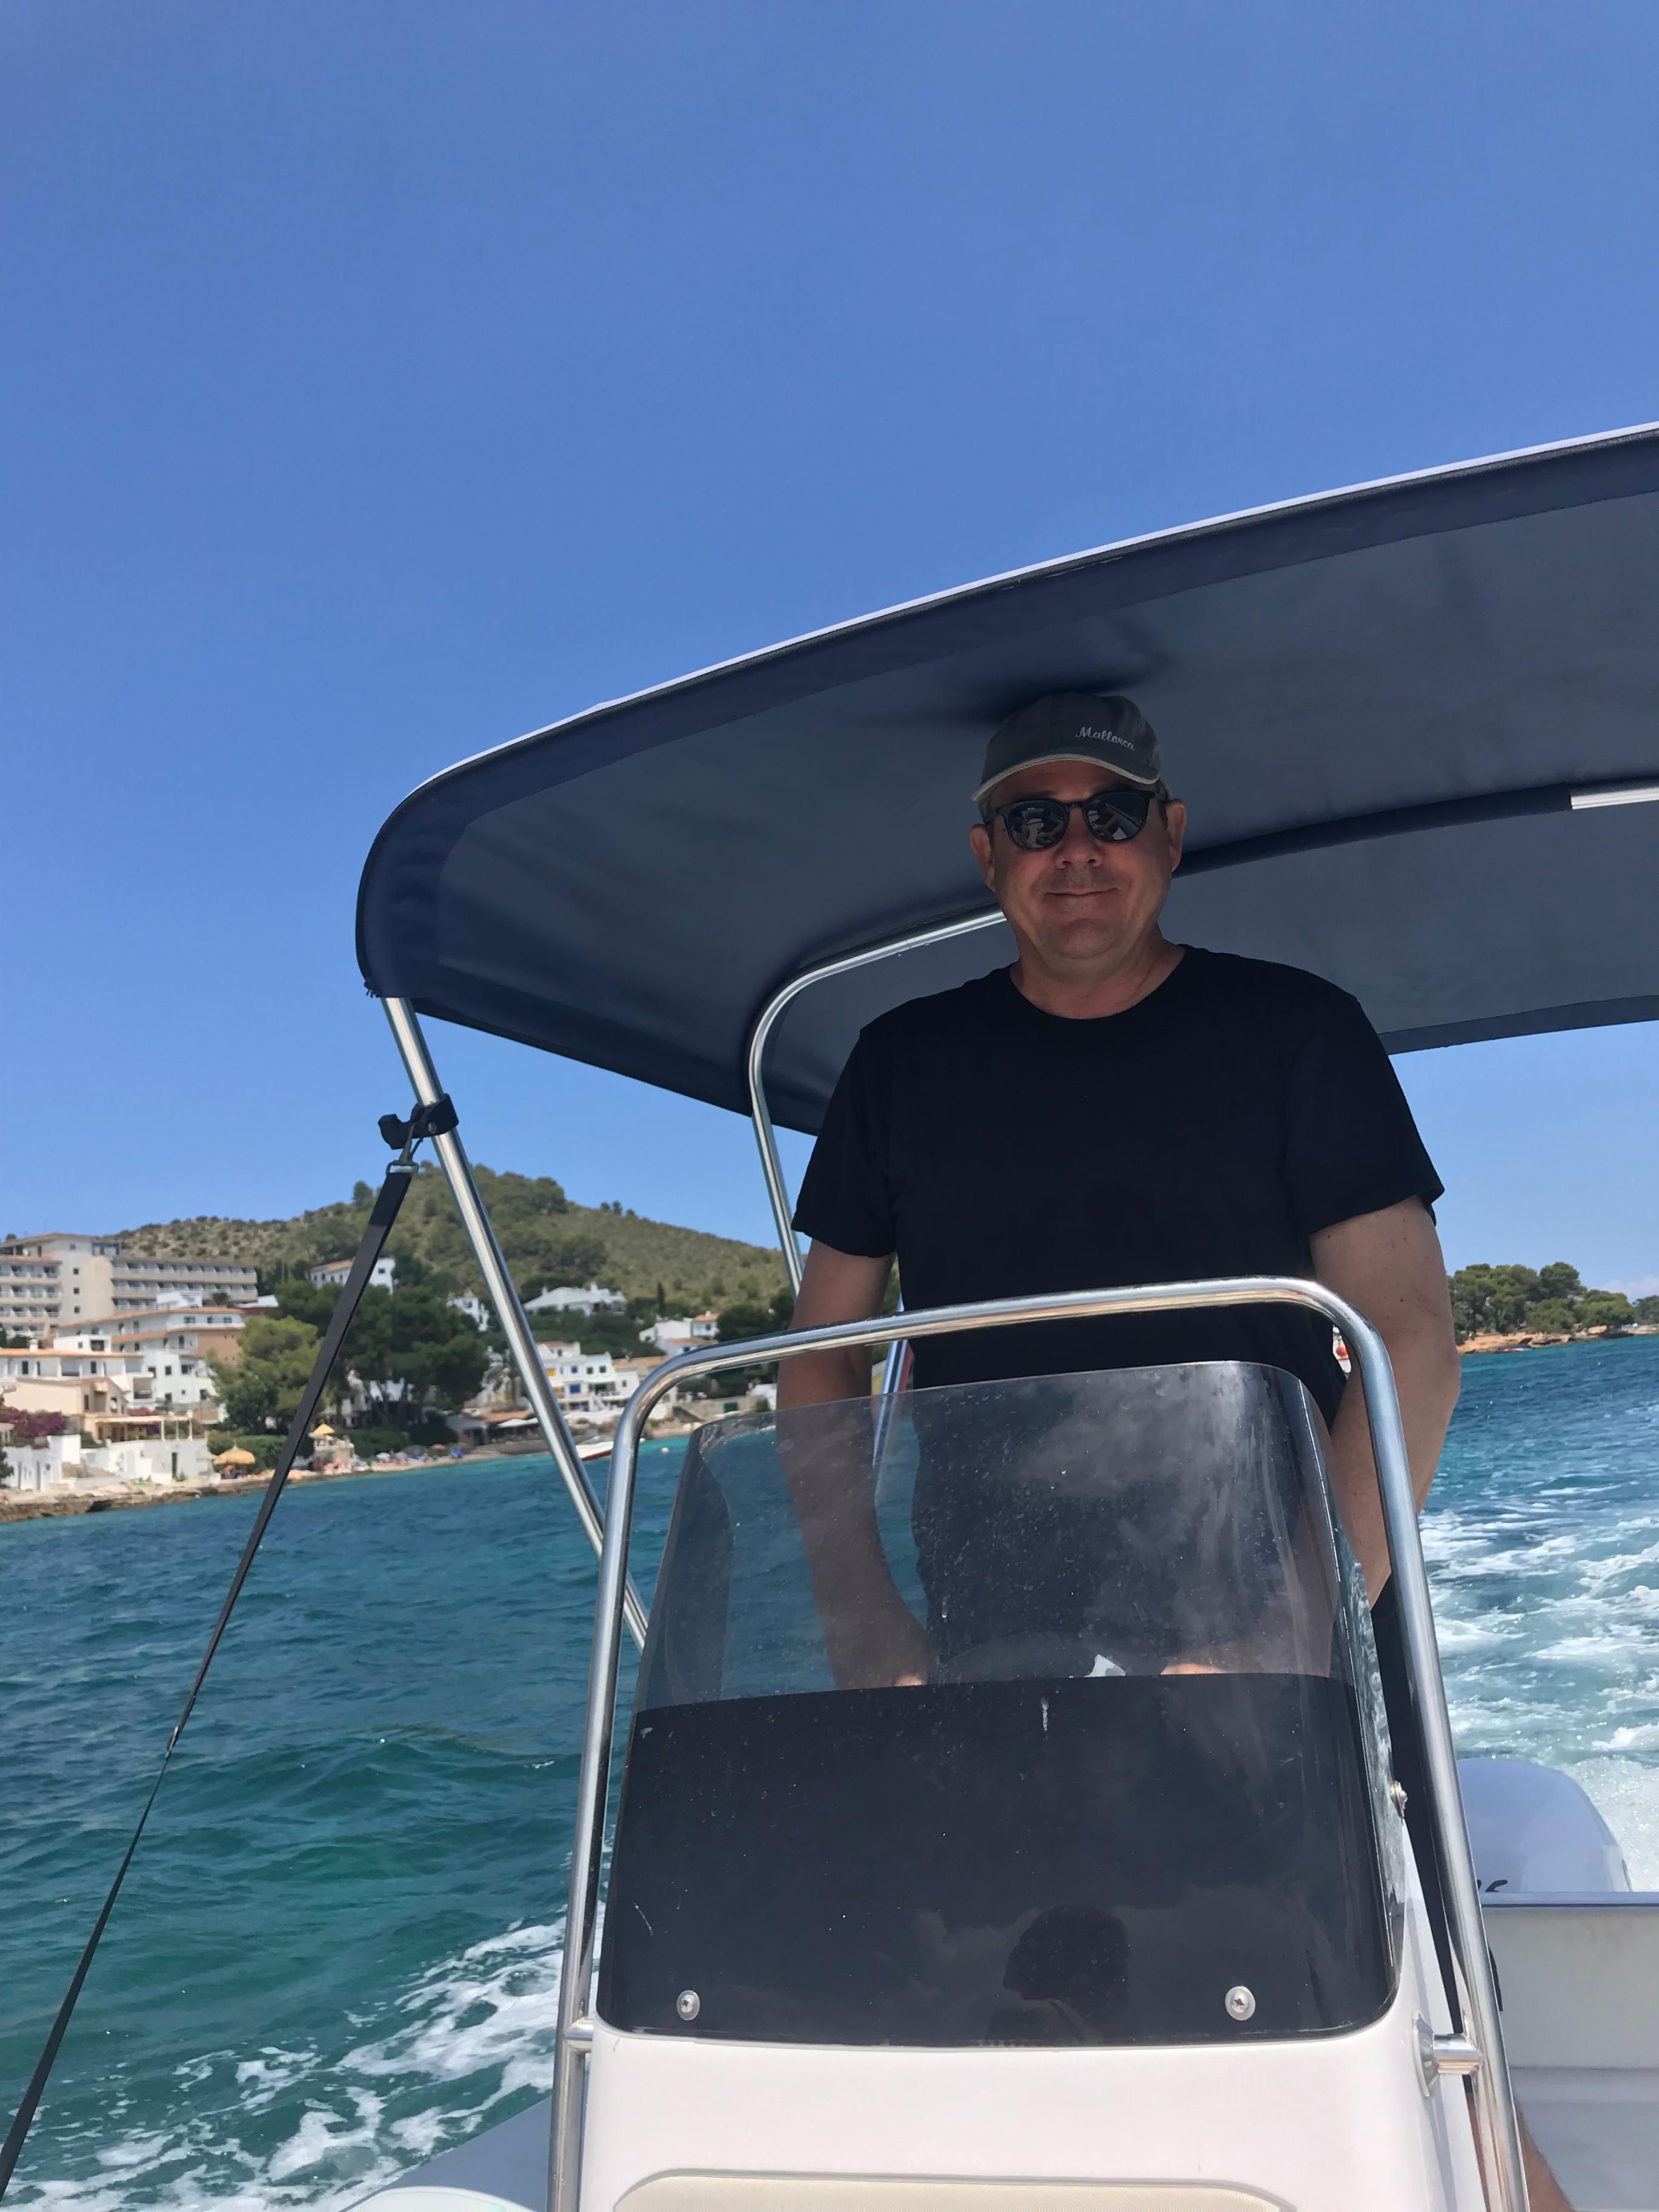 Motoring around Mallorca